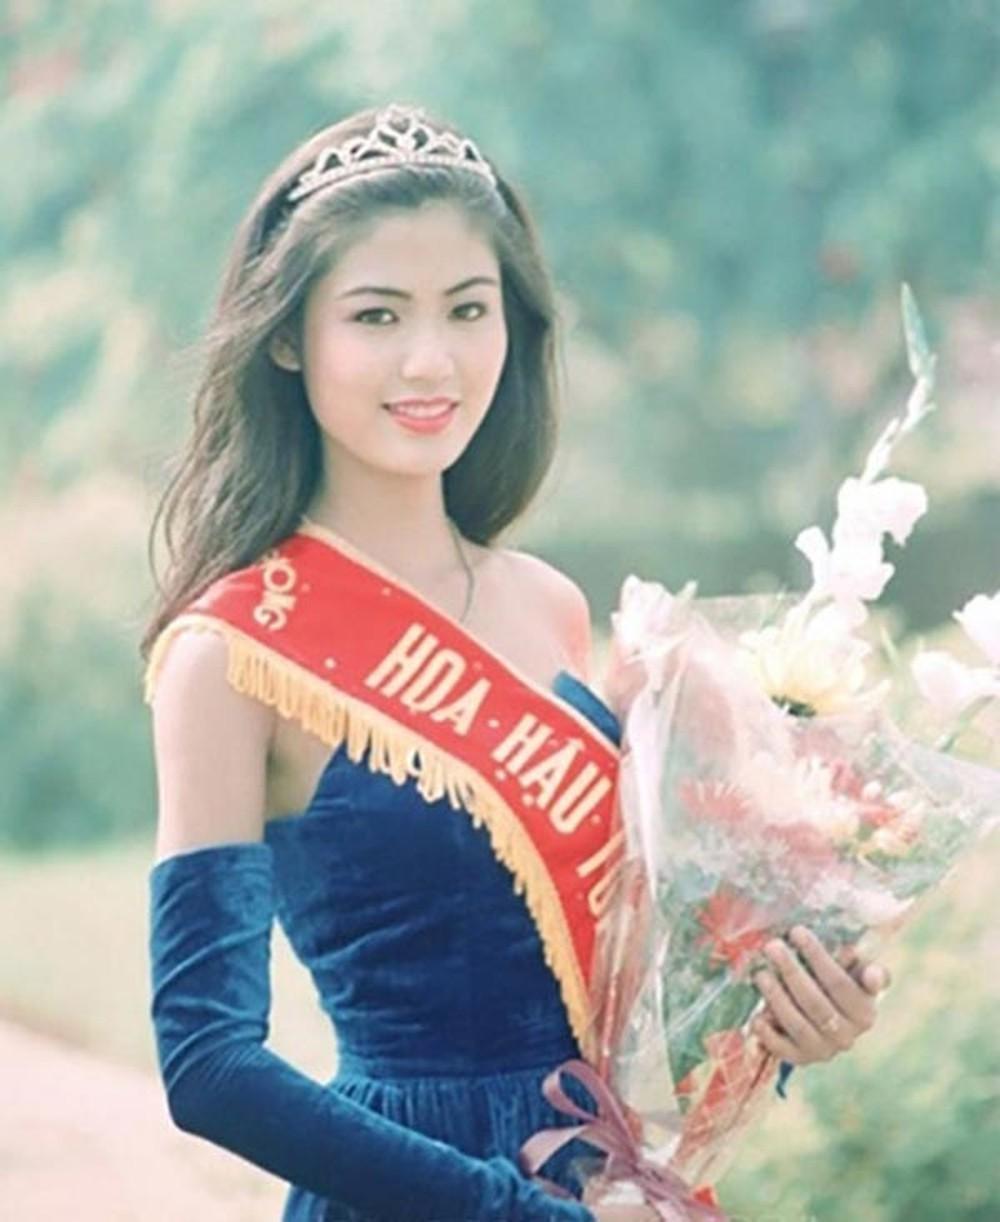 Vẻ đẹp thuần khiết của 16 cô gái thuở mới đăng quang Hoa hậu Việt Nam: Chờ đợi nhan sắc kế nhiệm Tiểu Vy Ảnh 26